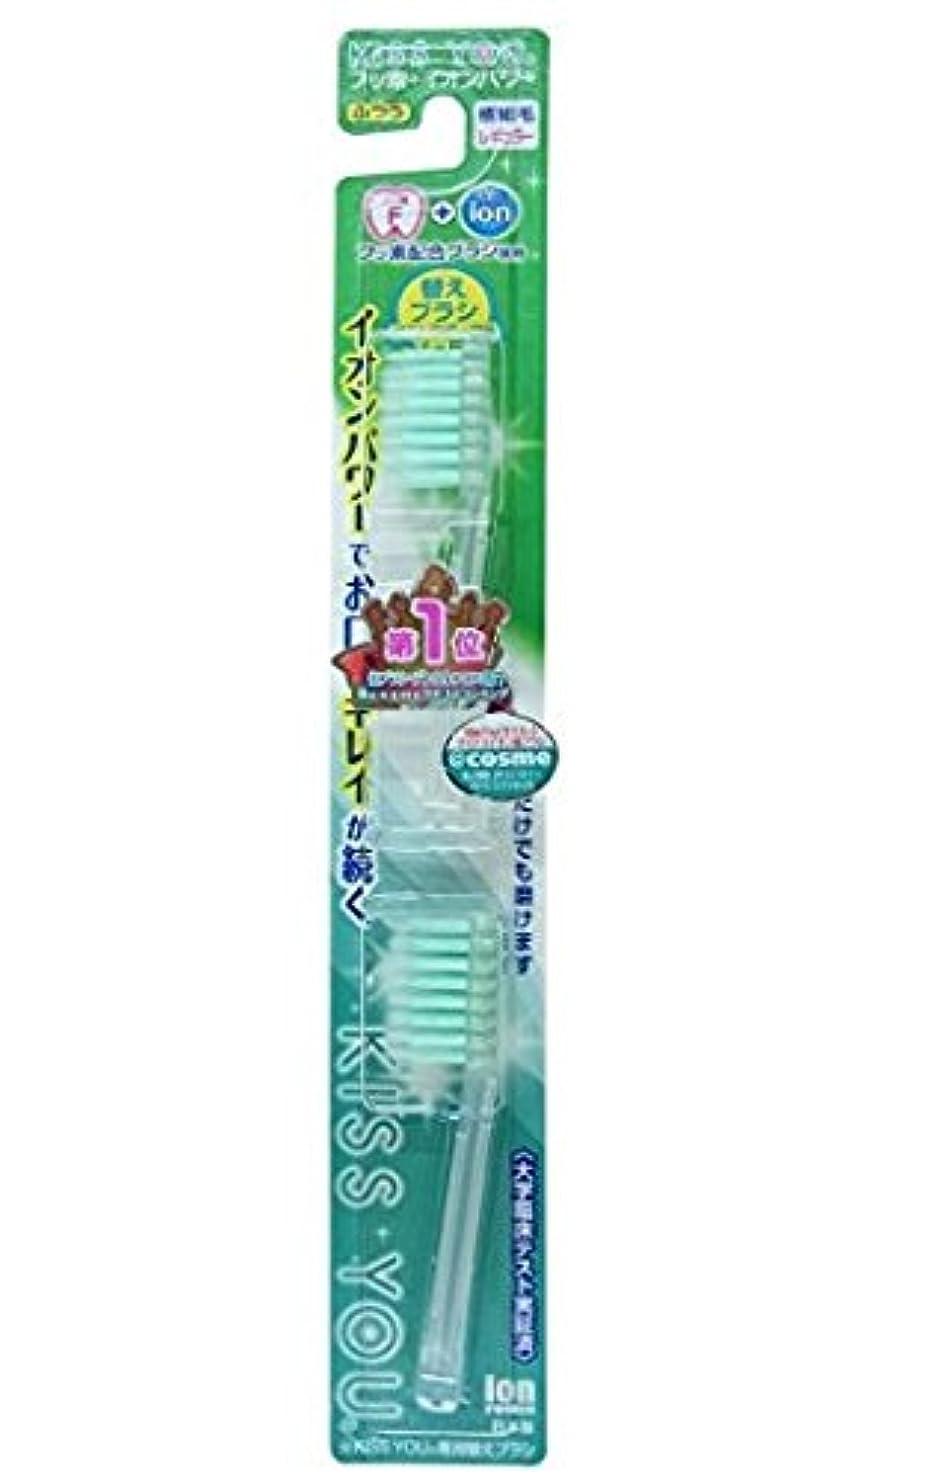 リスト広いそばにフッ素イオン歯ブラシ極細レギュラー替えブラシふつう × 3個セット